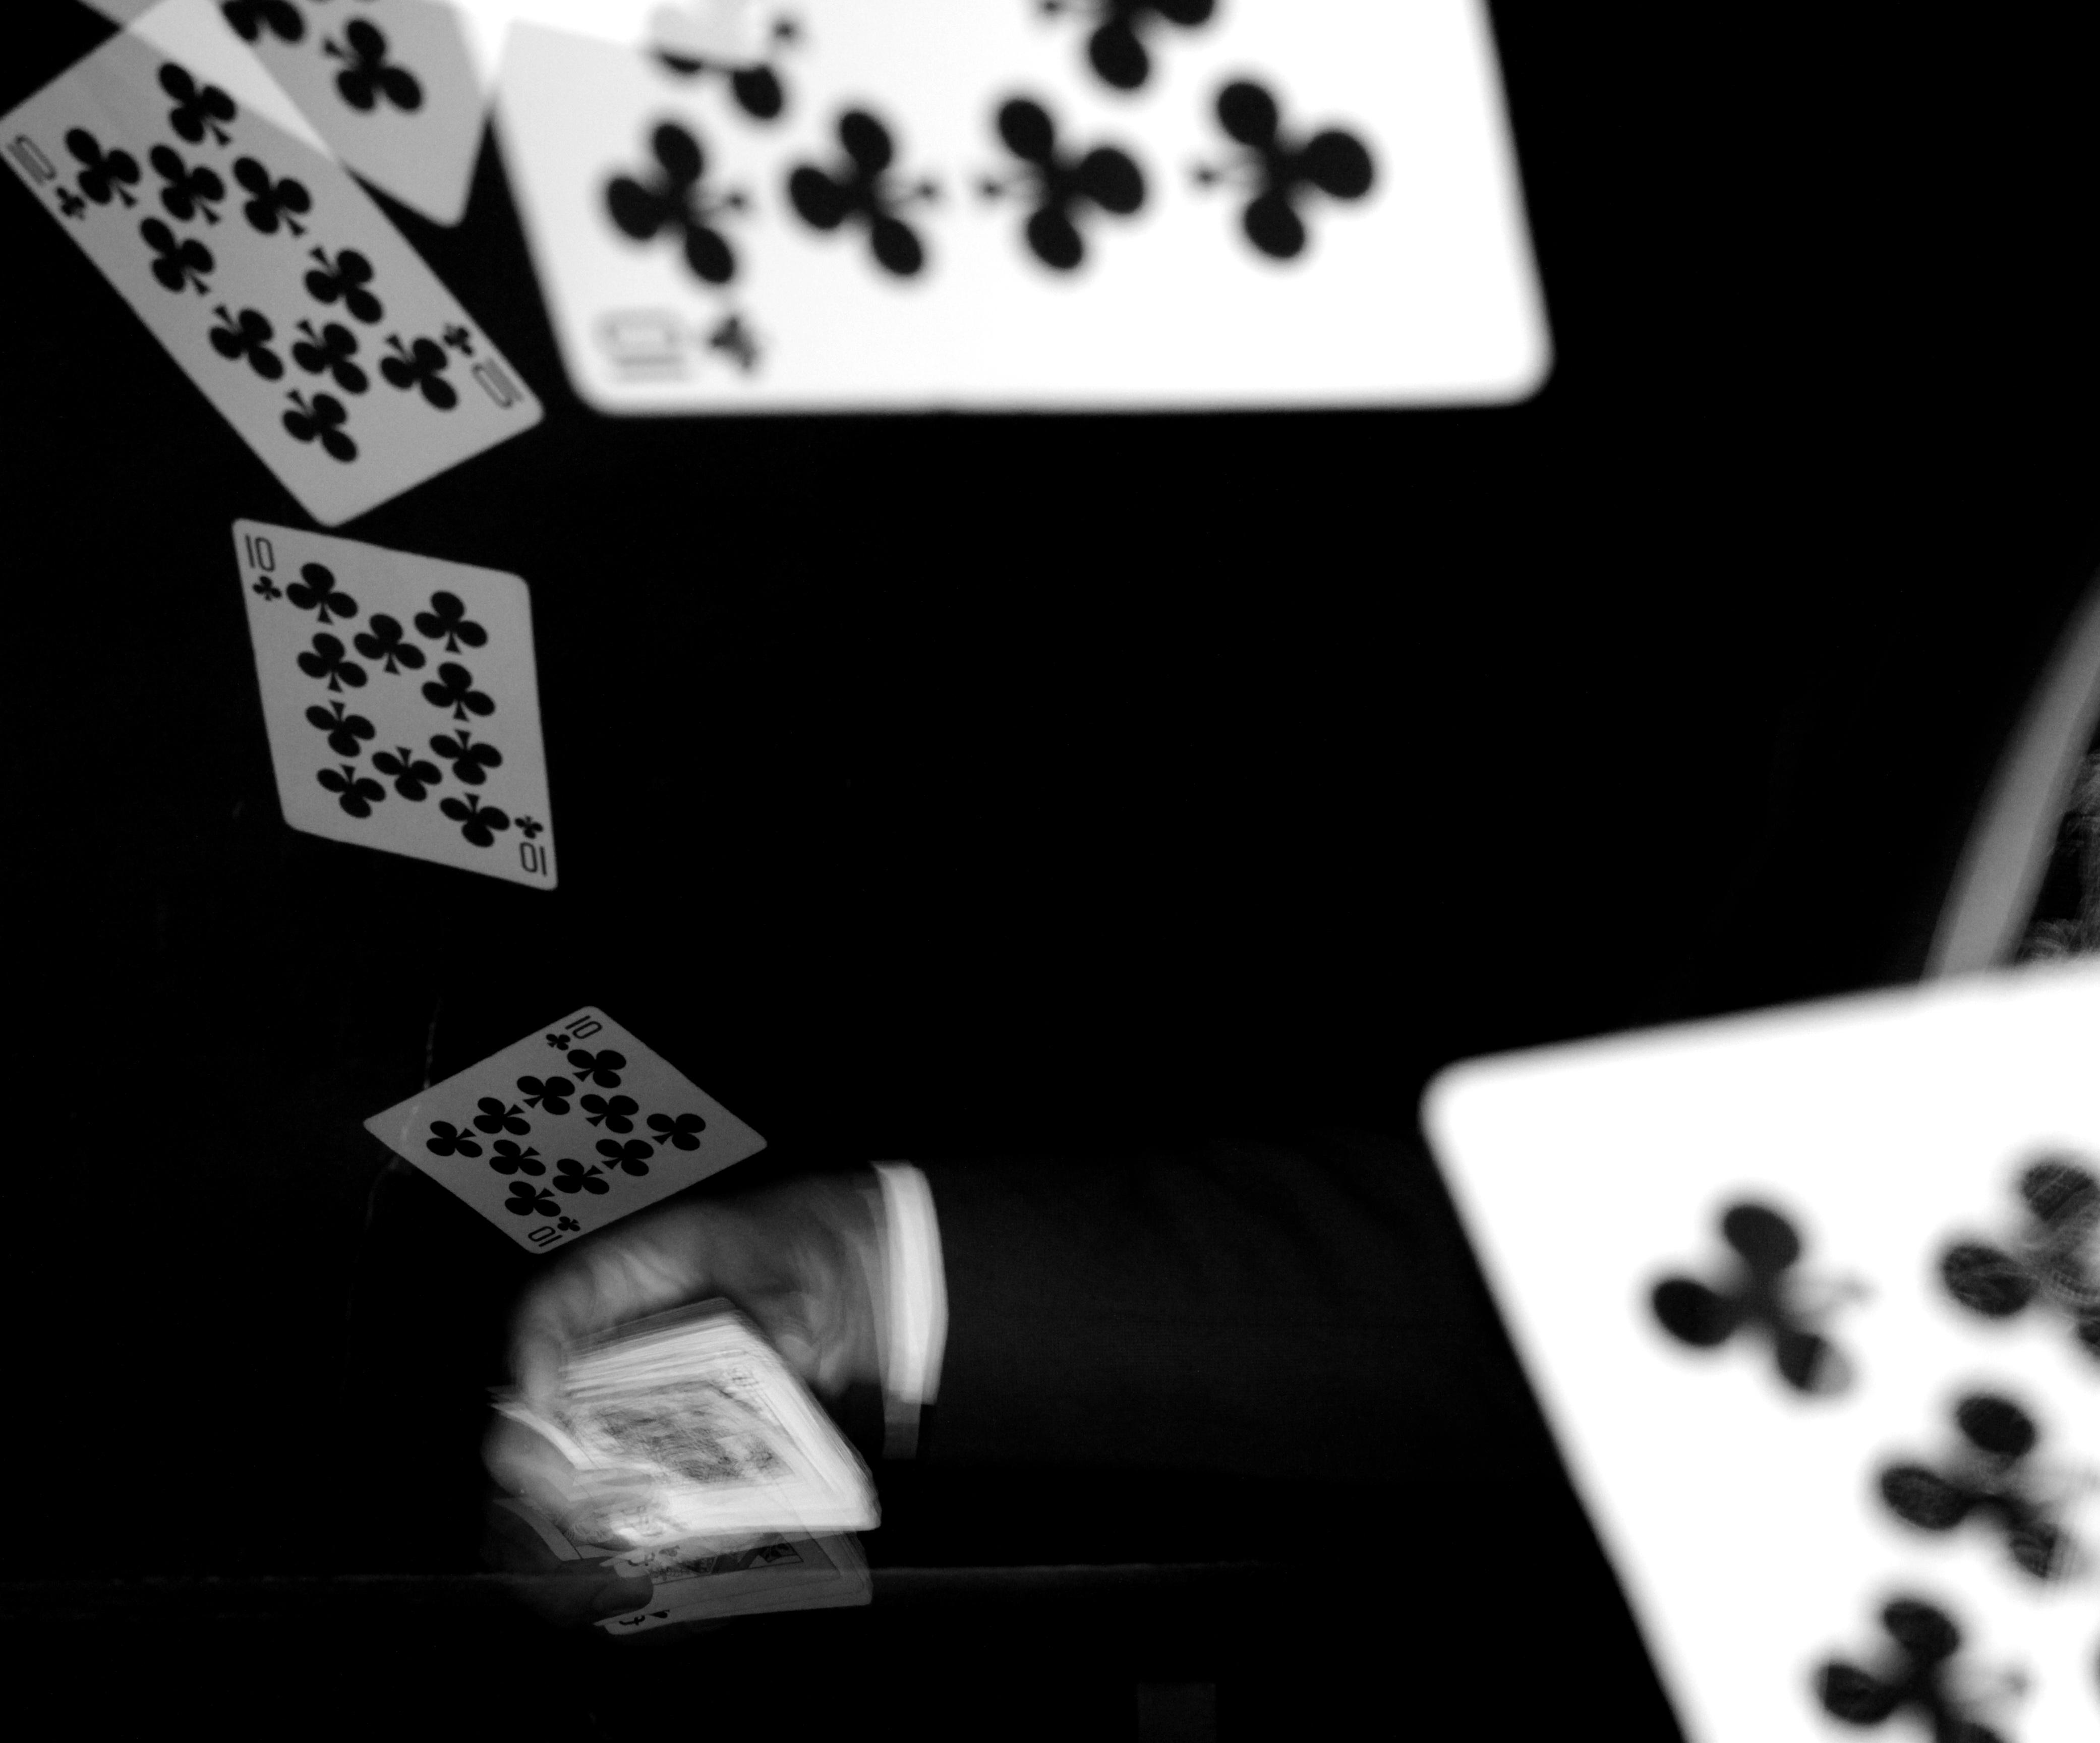 Скачать бесплатно настольные игры азартные таки на игровые аппараты без денежного выигрыша павлодар маслихат